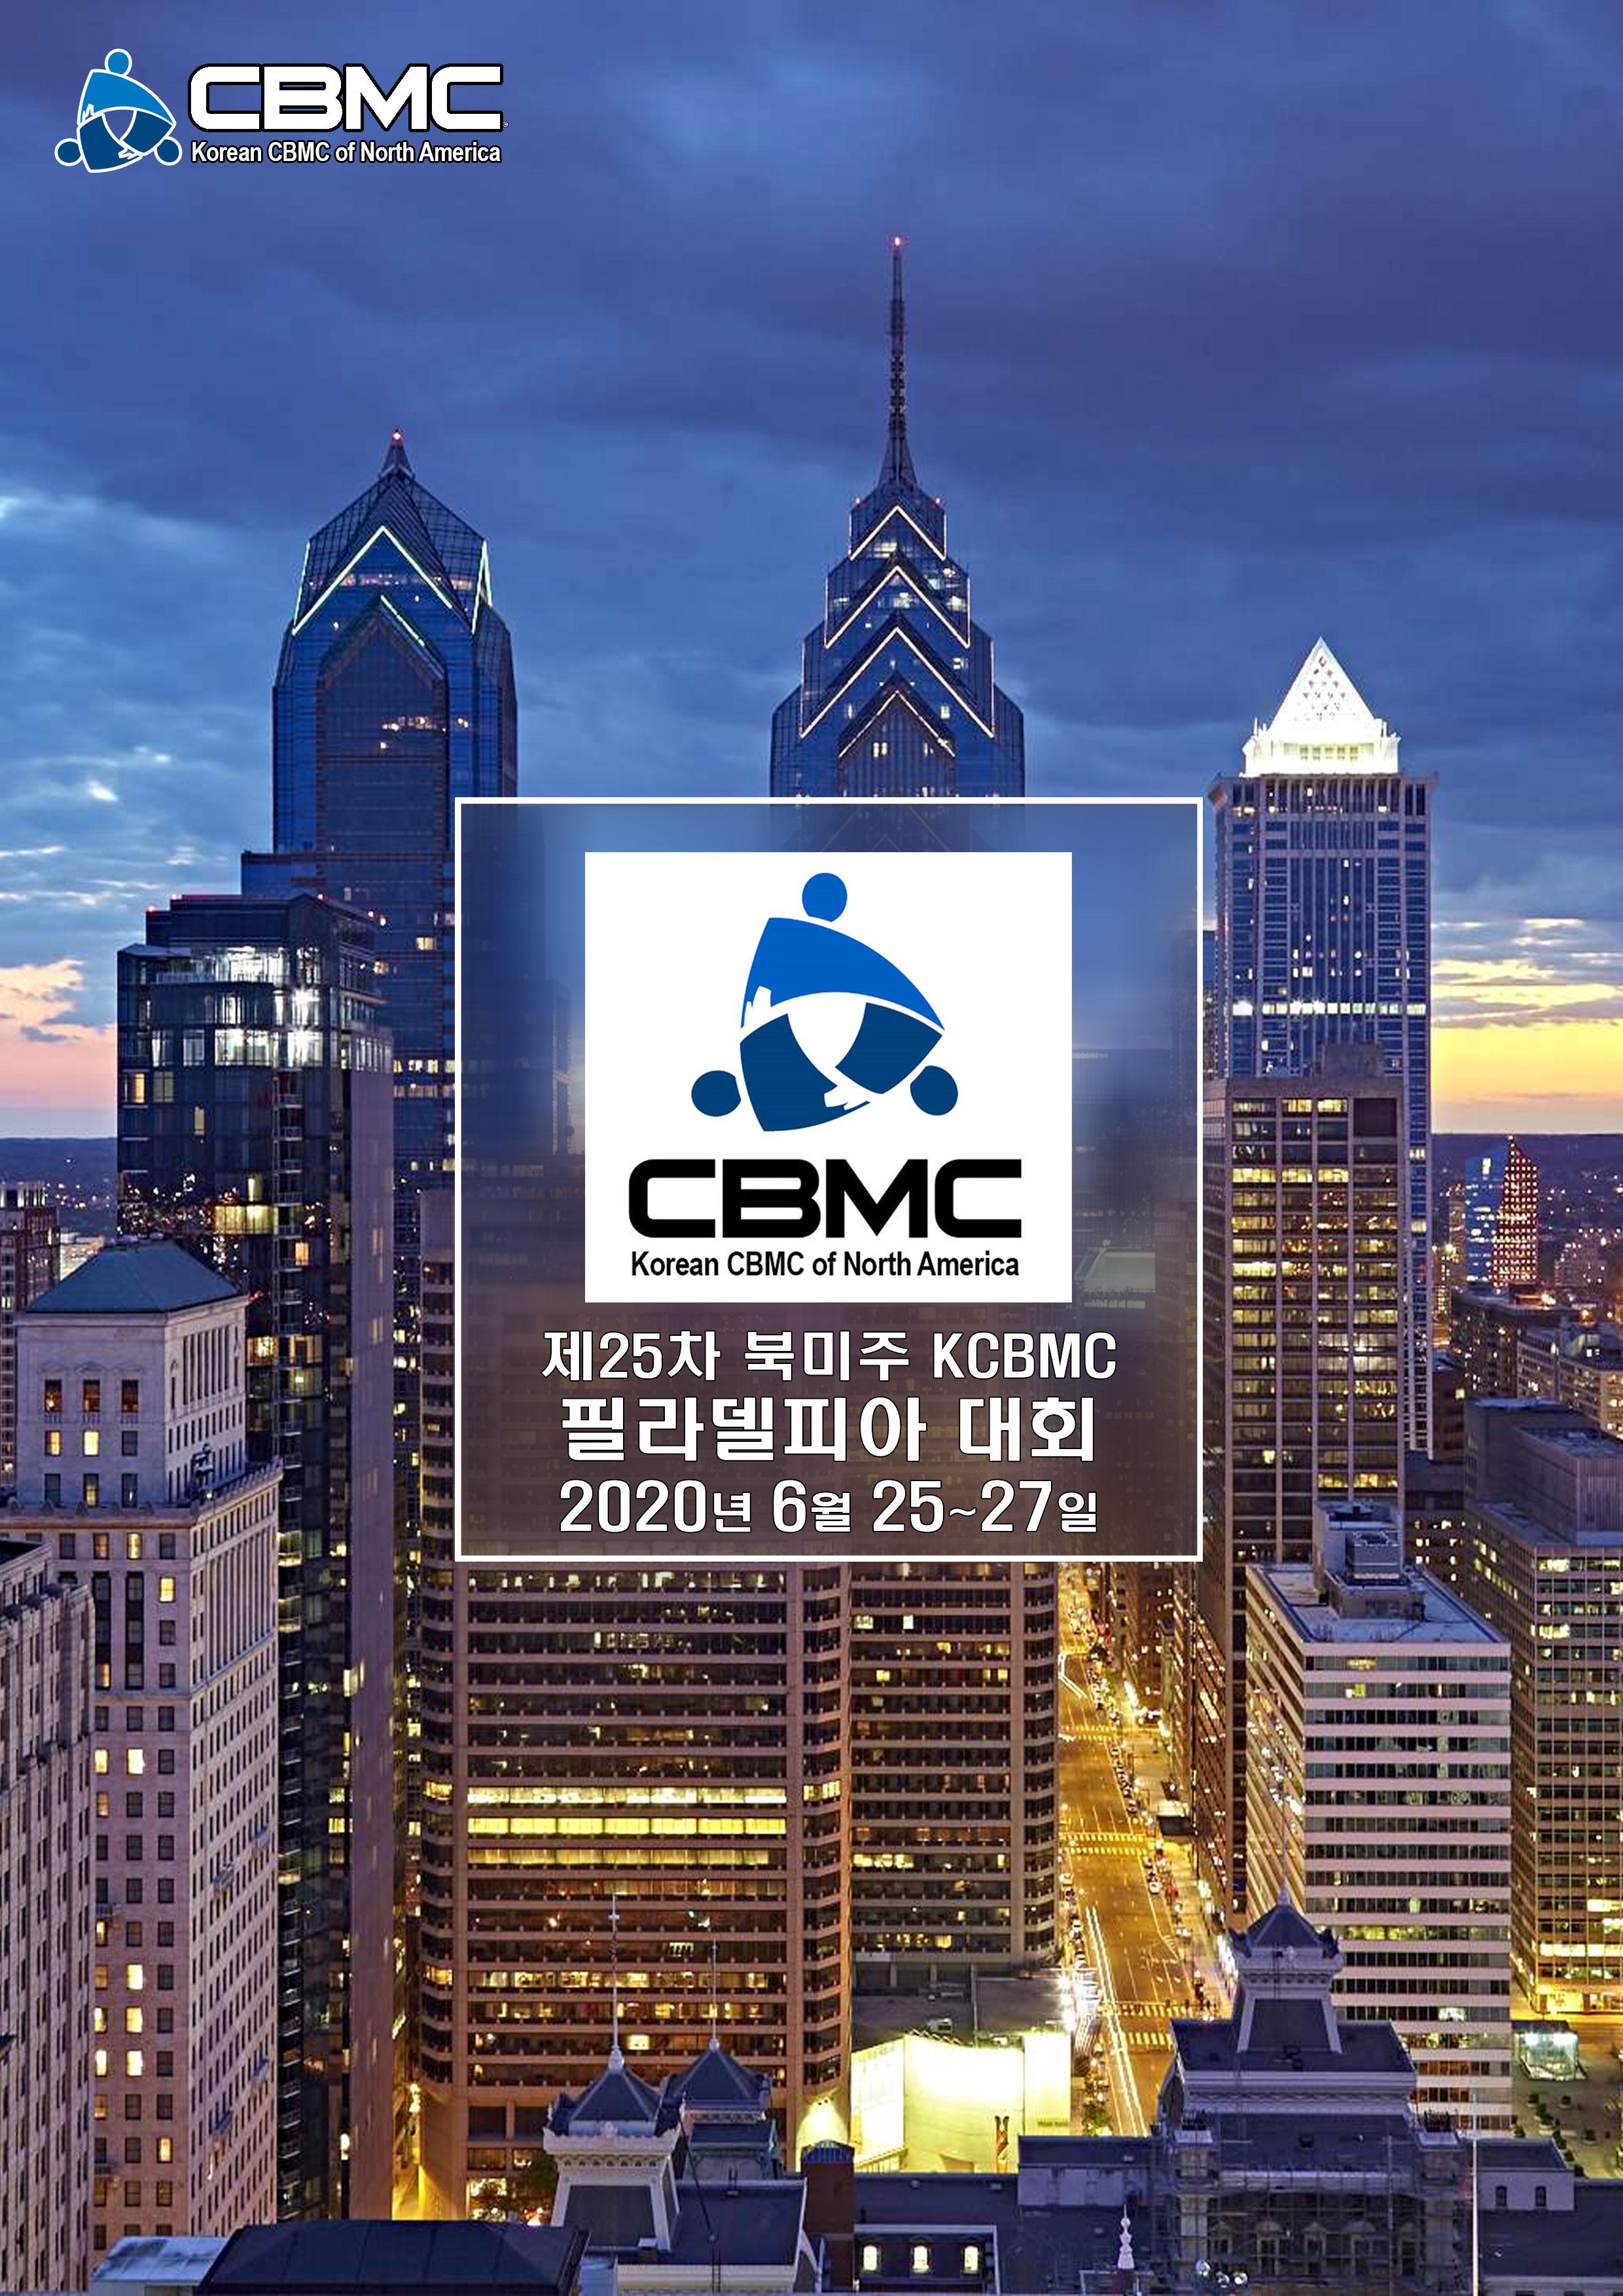 제25차 북미주 KCBMC 필라델피아 대회 조기 등록이 시작 되었습니다!